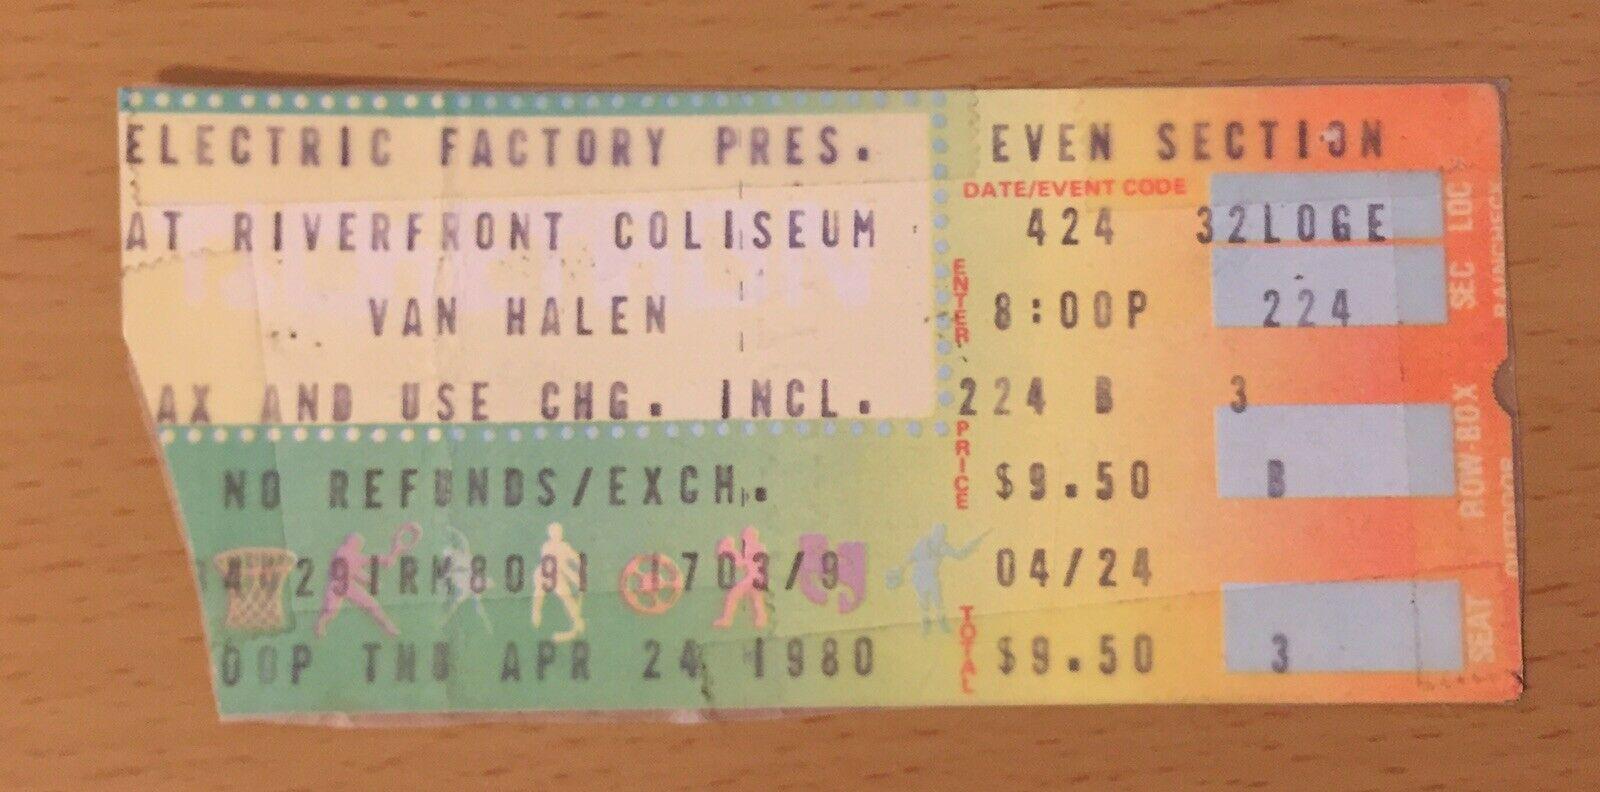 4/24/1980 Van Halen ticket